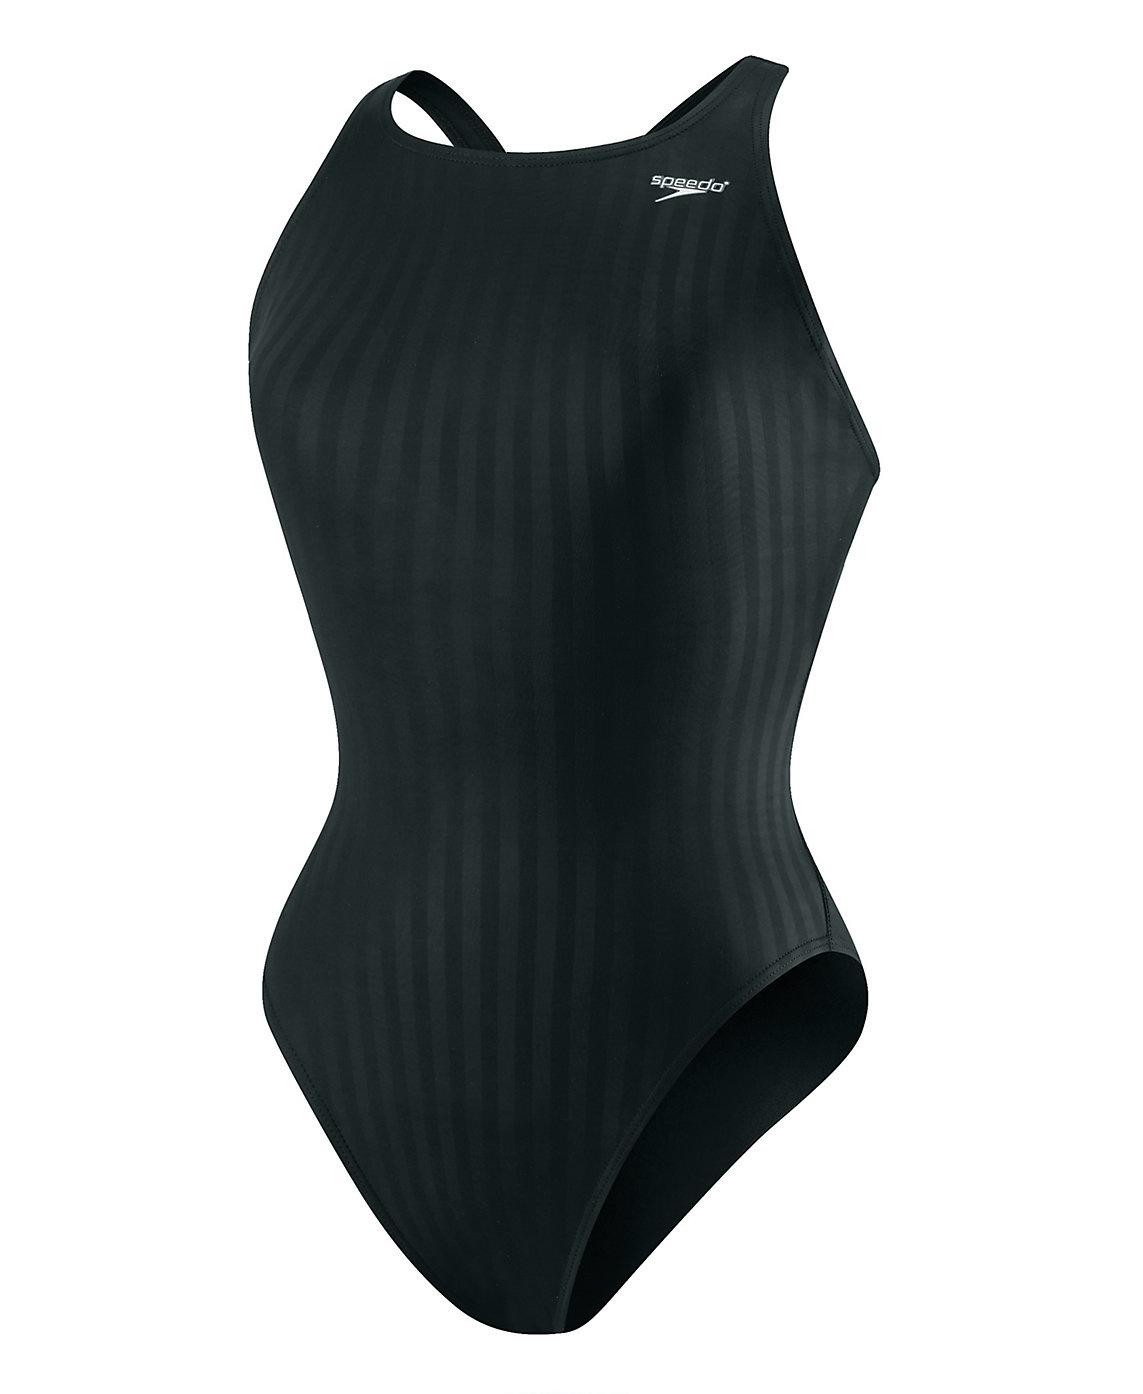 GH Aquatics Rush Female Suit